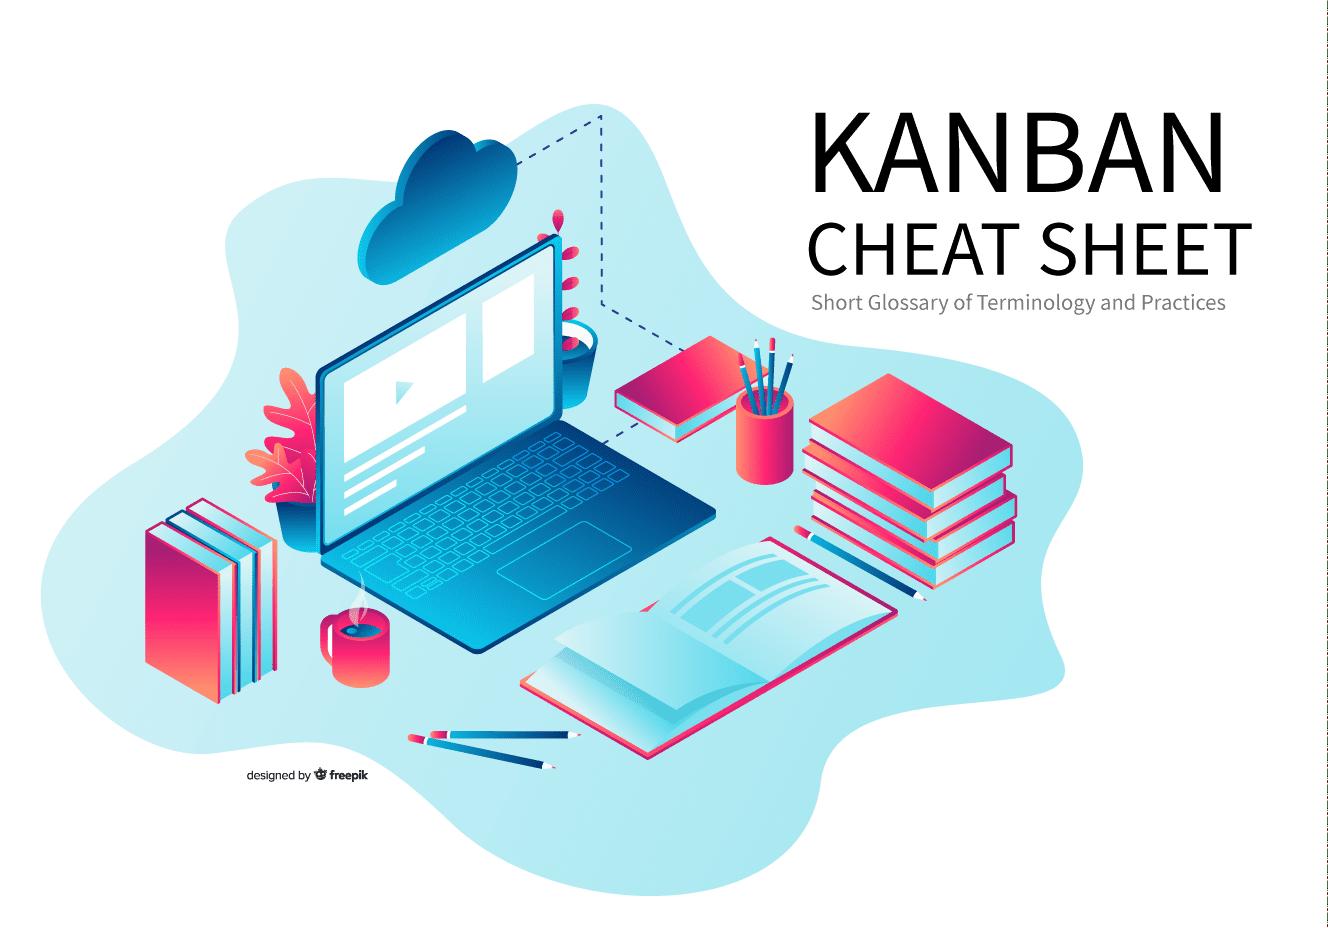 kanban terminology